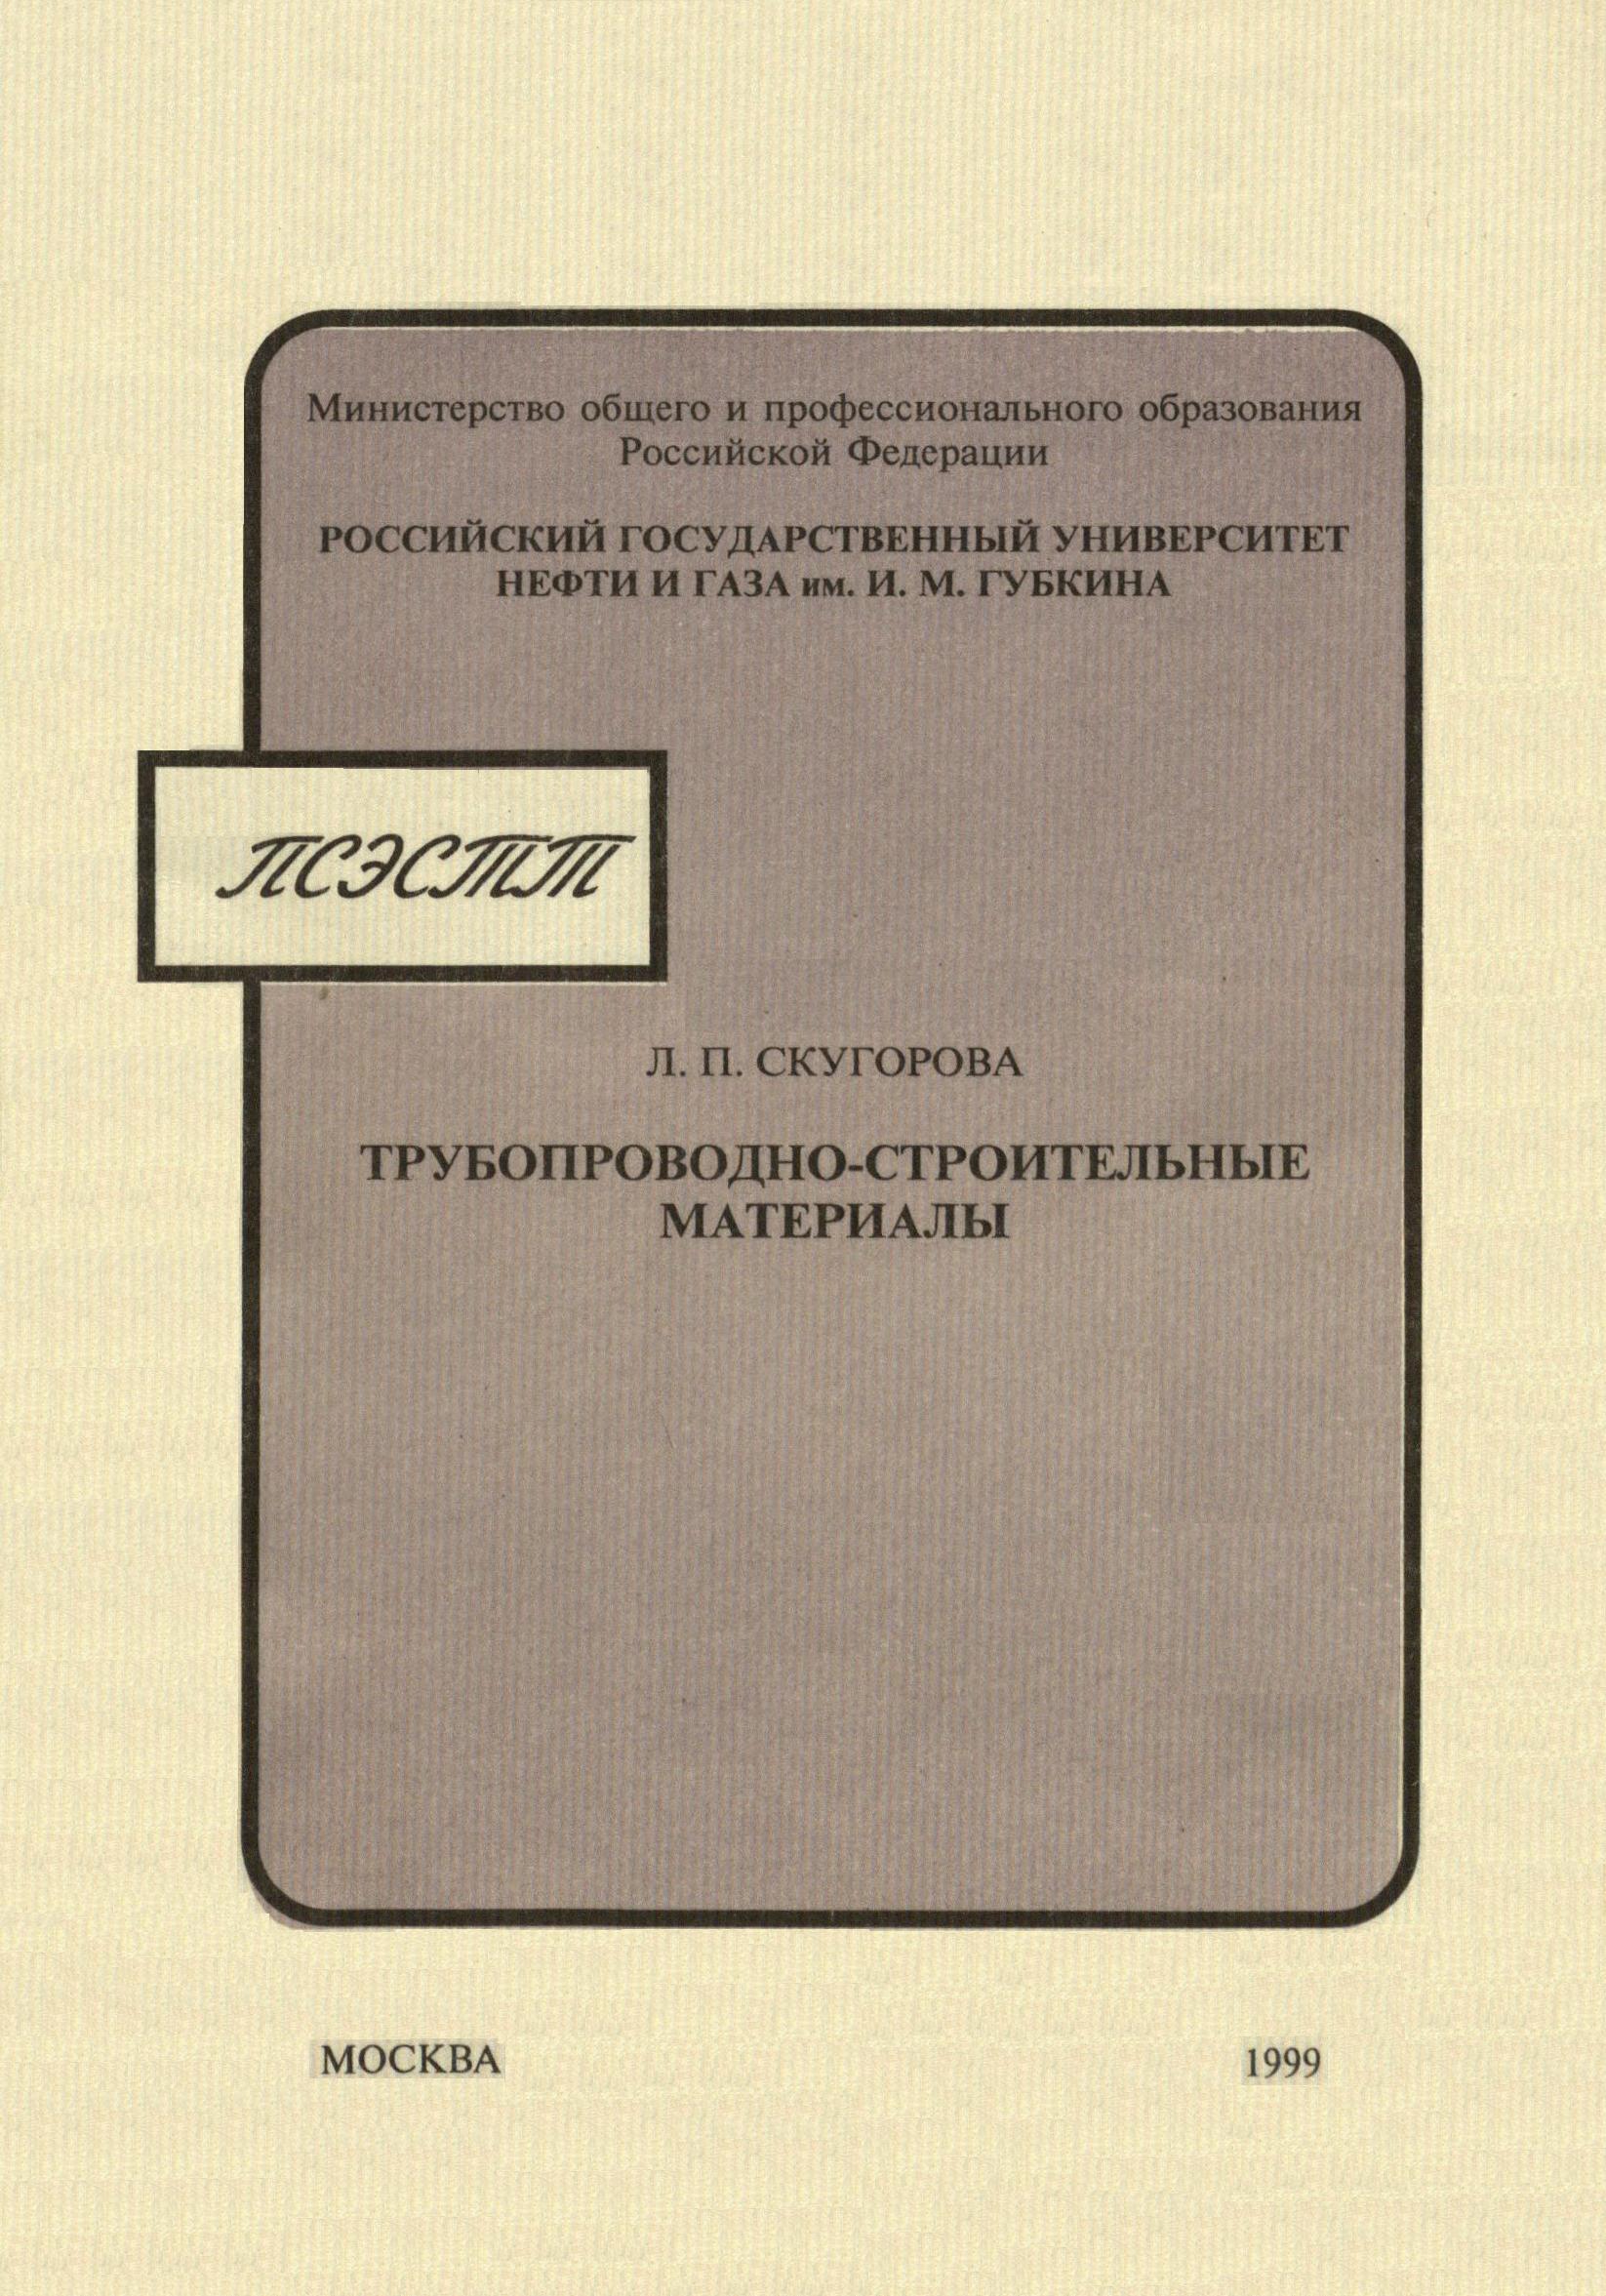 Скугорова л.п трубопроводно-строительные материалы купить строительные материалы в Ижевске